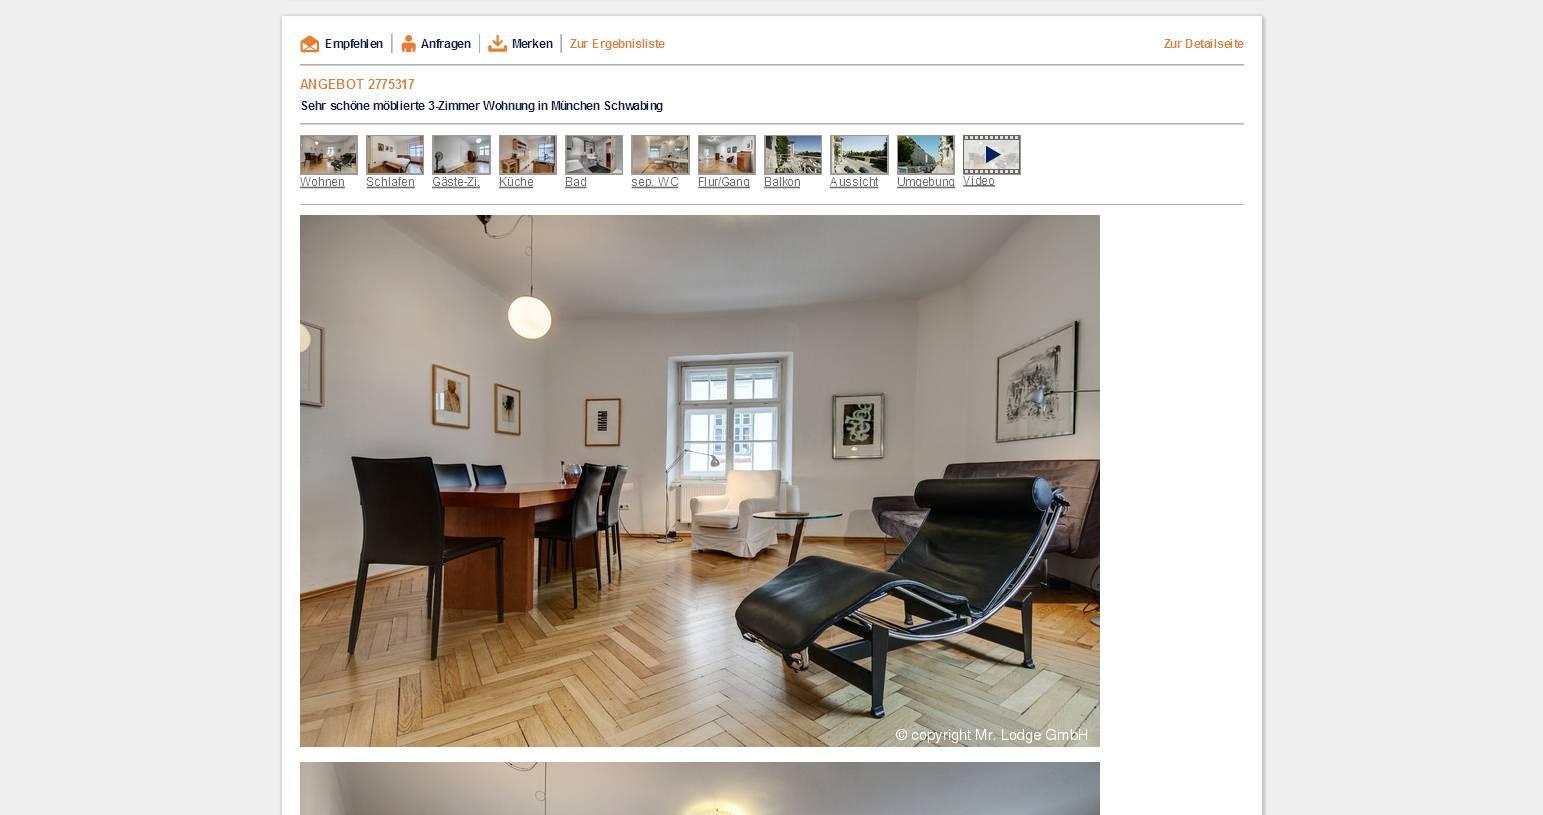 wohnungsbetrug2013 informationen ber wohnungsbetrug seite 6. Black Bedroom Furniture Sets. Home Design Ideas